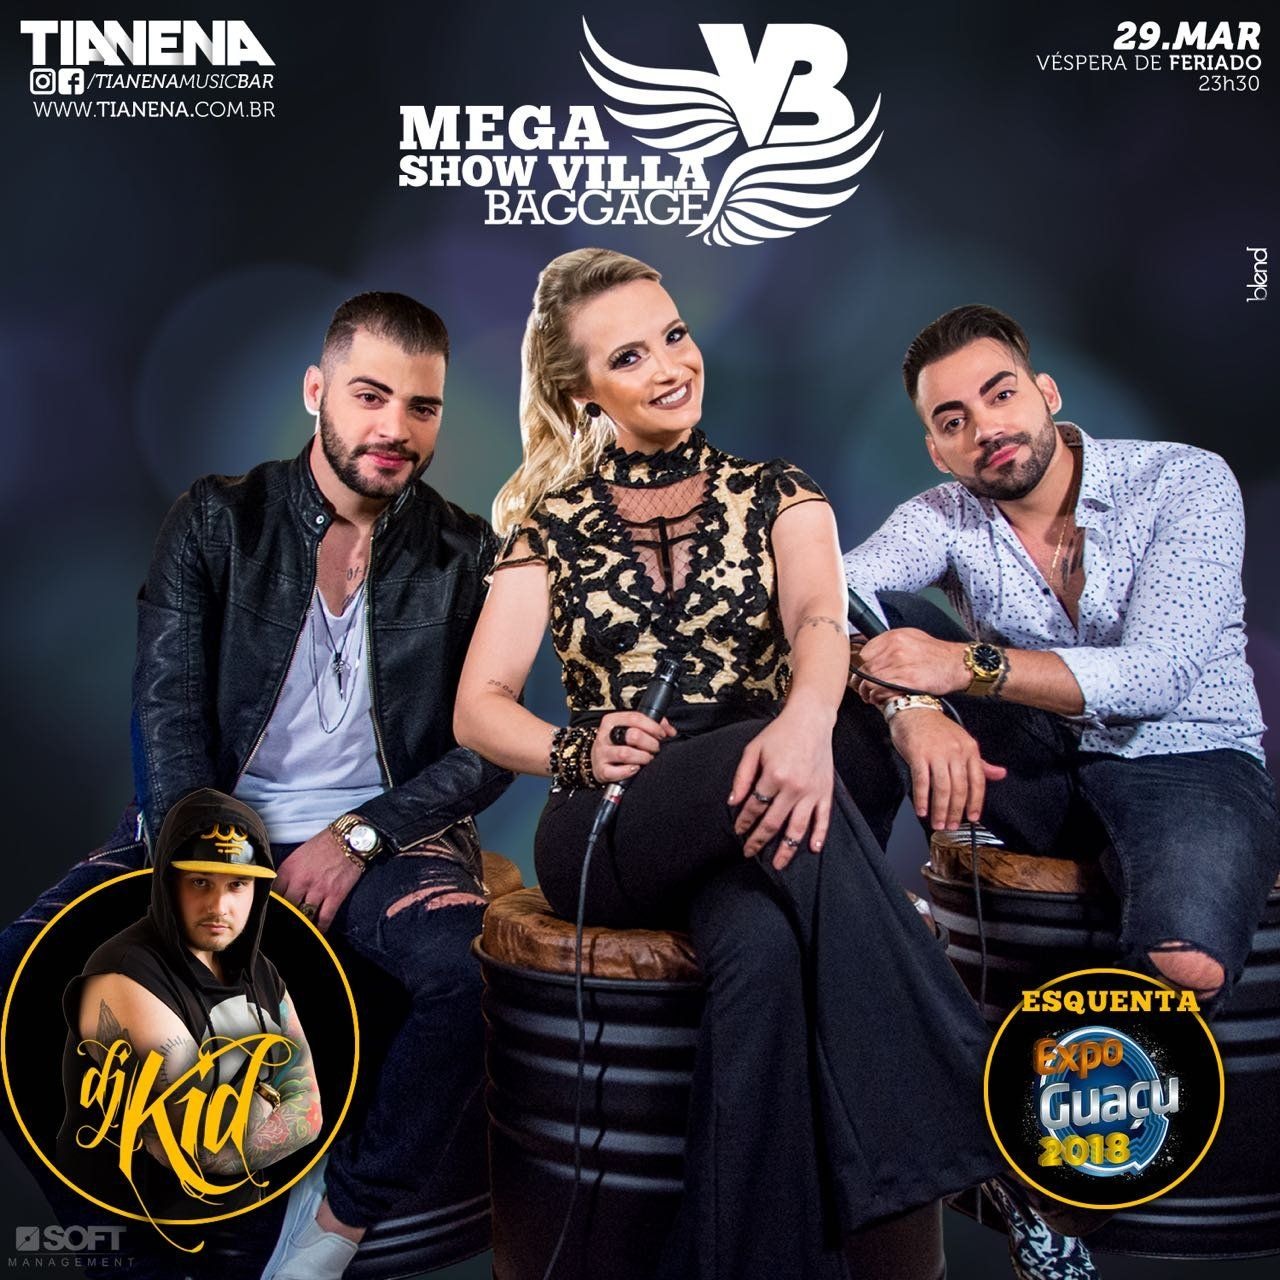 Mega Show Villa Baggage - 29/03/18 - Mogi Guaçu - SP